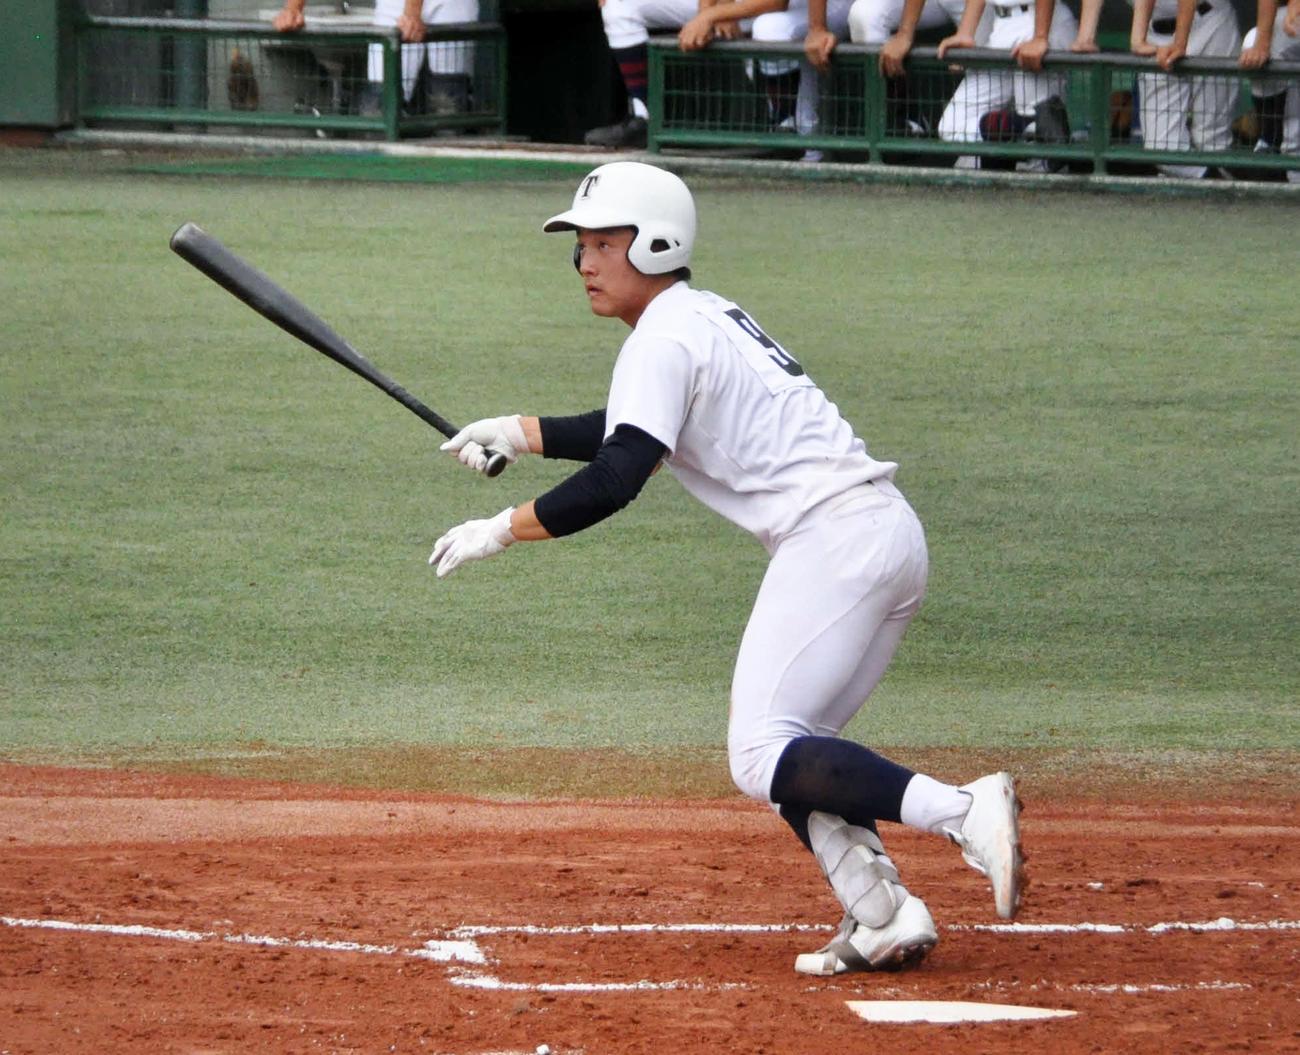 東海戦の3回1死二、三塁、東邦の3番吉納は左越え2点適時二塁打を放つ(撮影・石橋隆雄)